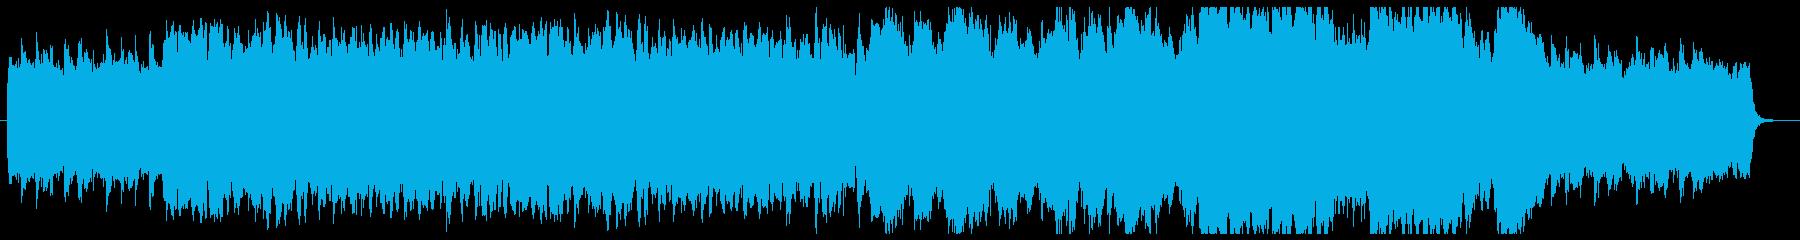 ほのぼのとしたケルト民謡風の再生済みの波形